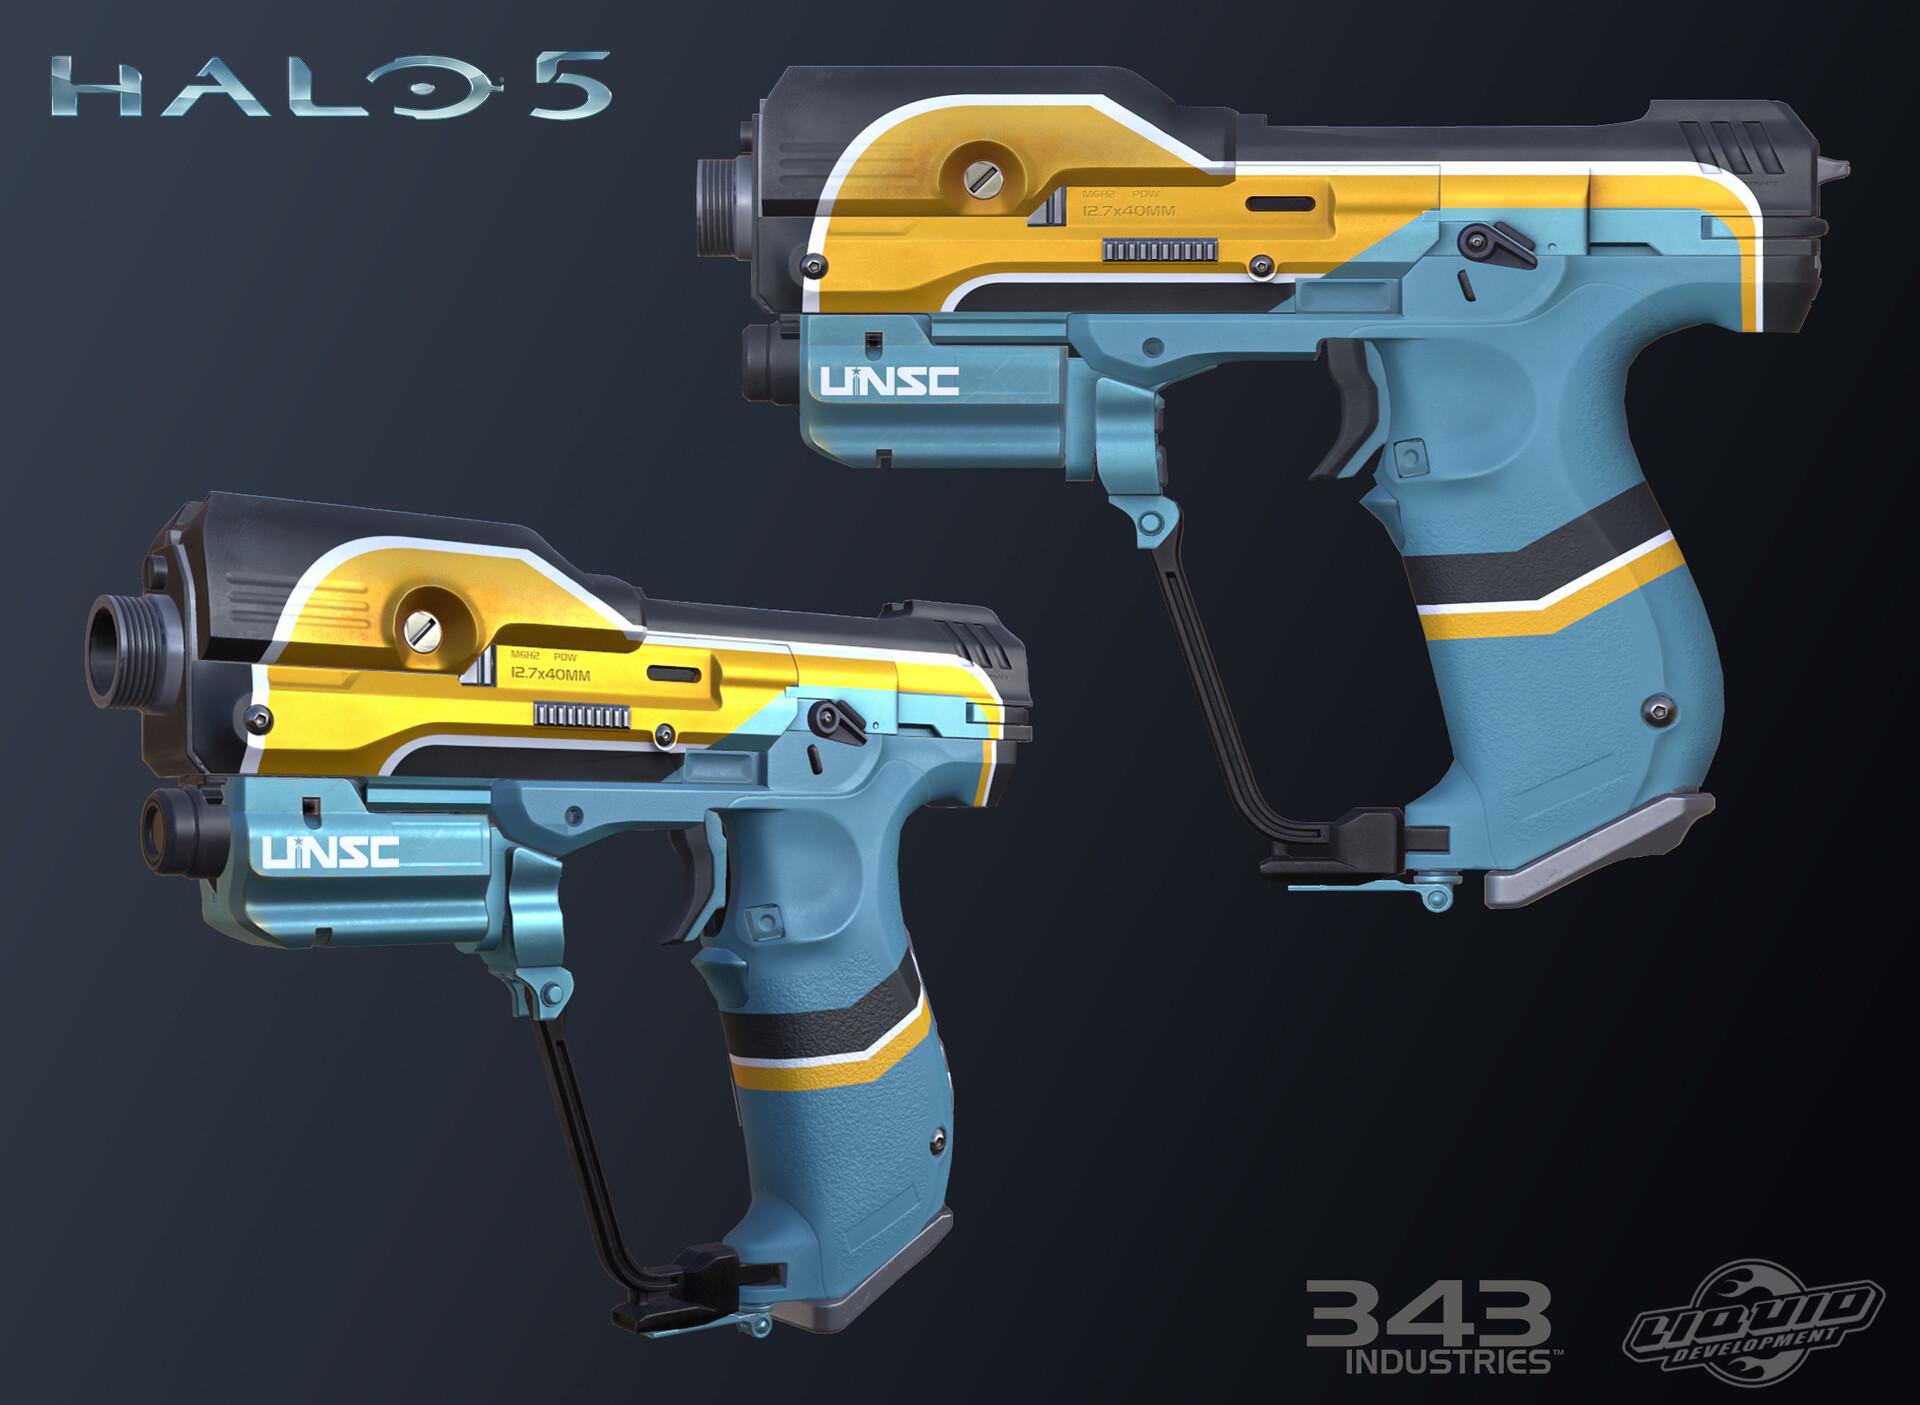 ArtStation - Prestige Magnum Skins: Halo 5: Guardians, Michael Fuller